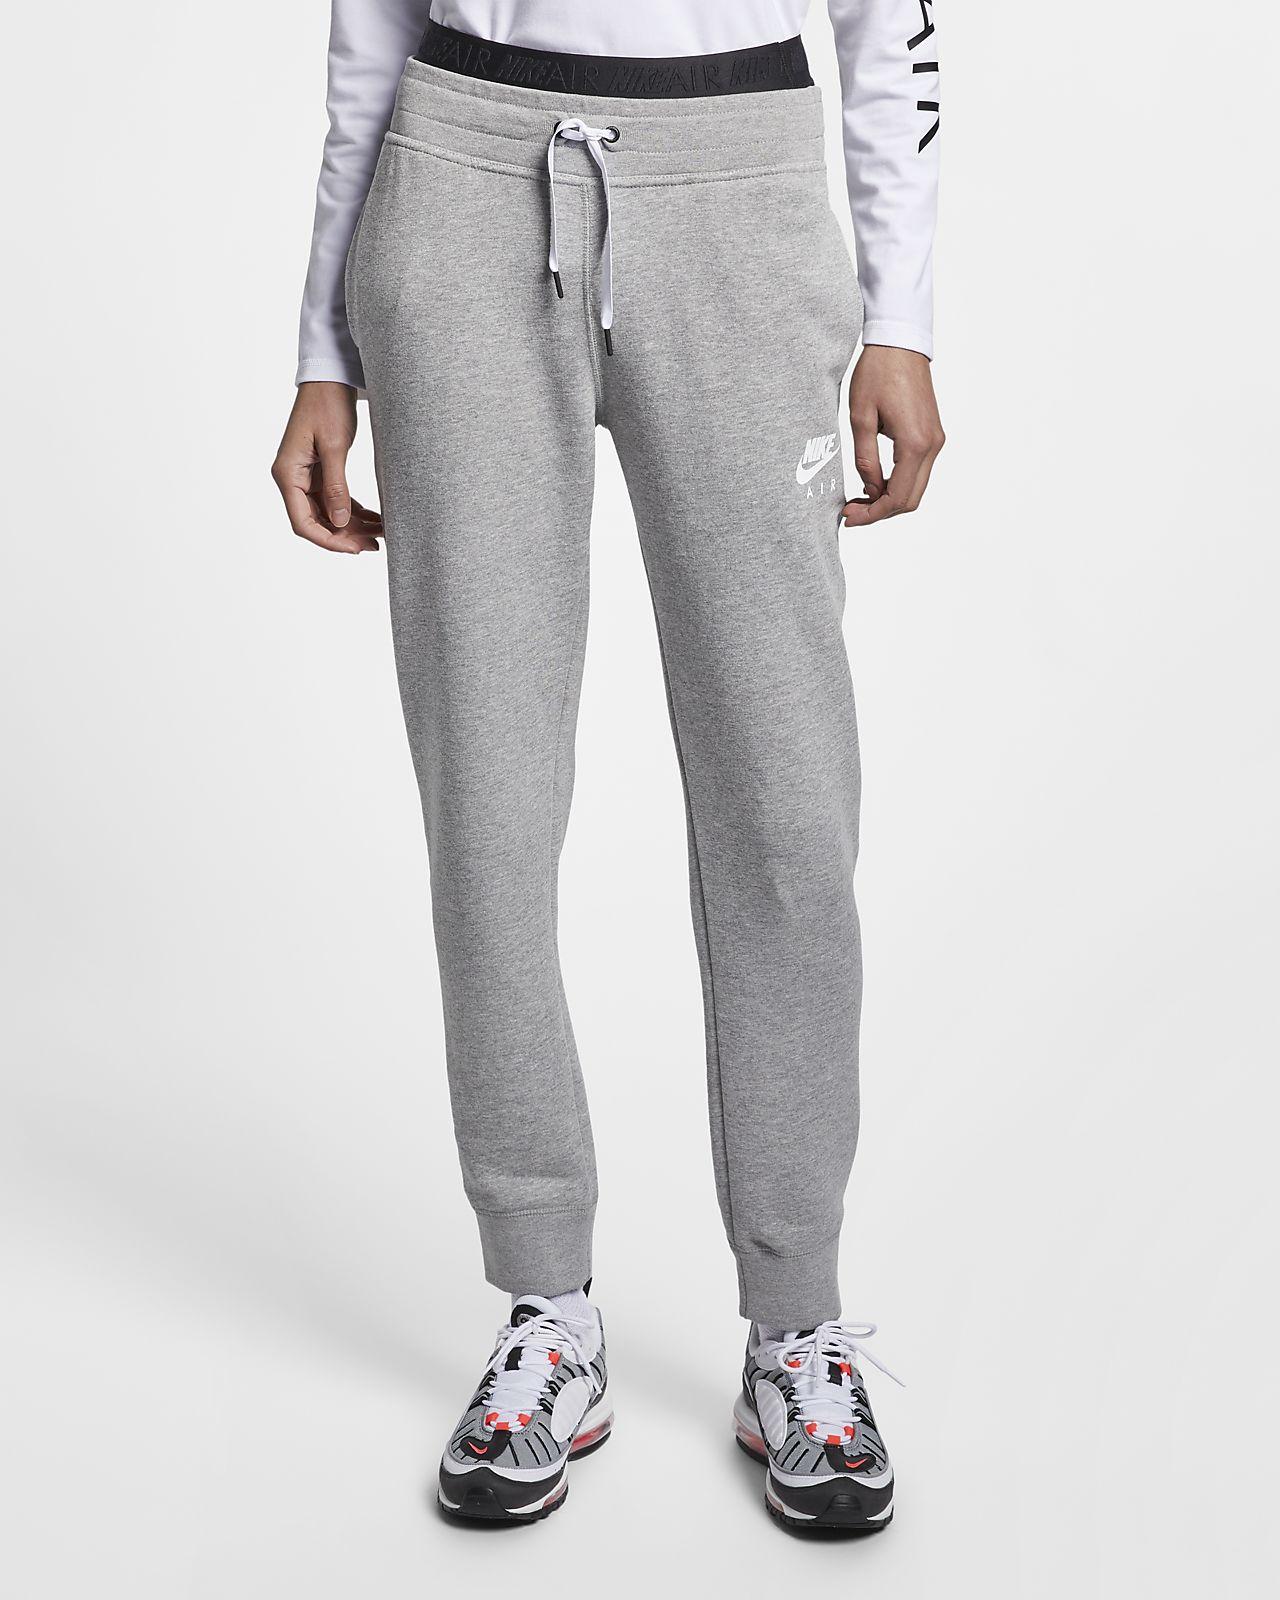 Dámské flísové kalhoty Nike Air